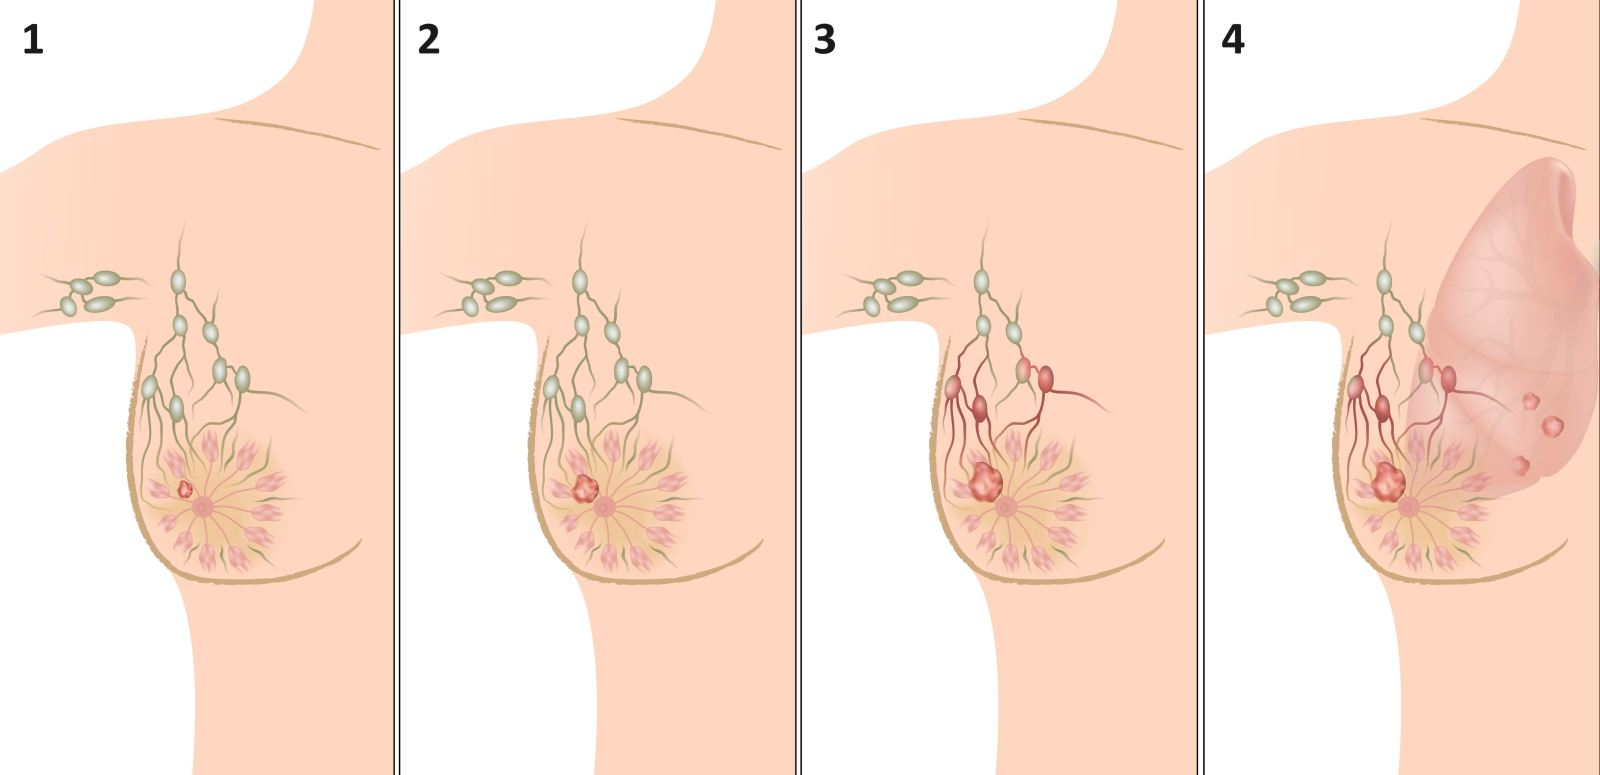 Рак молочной железы. Самообследование